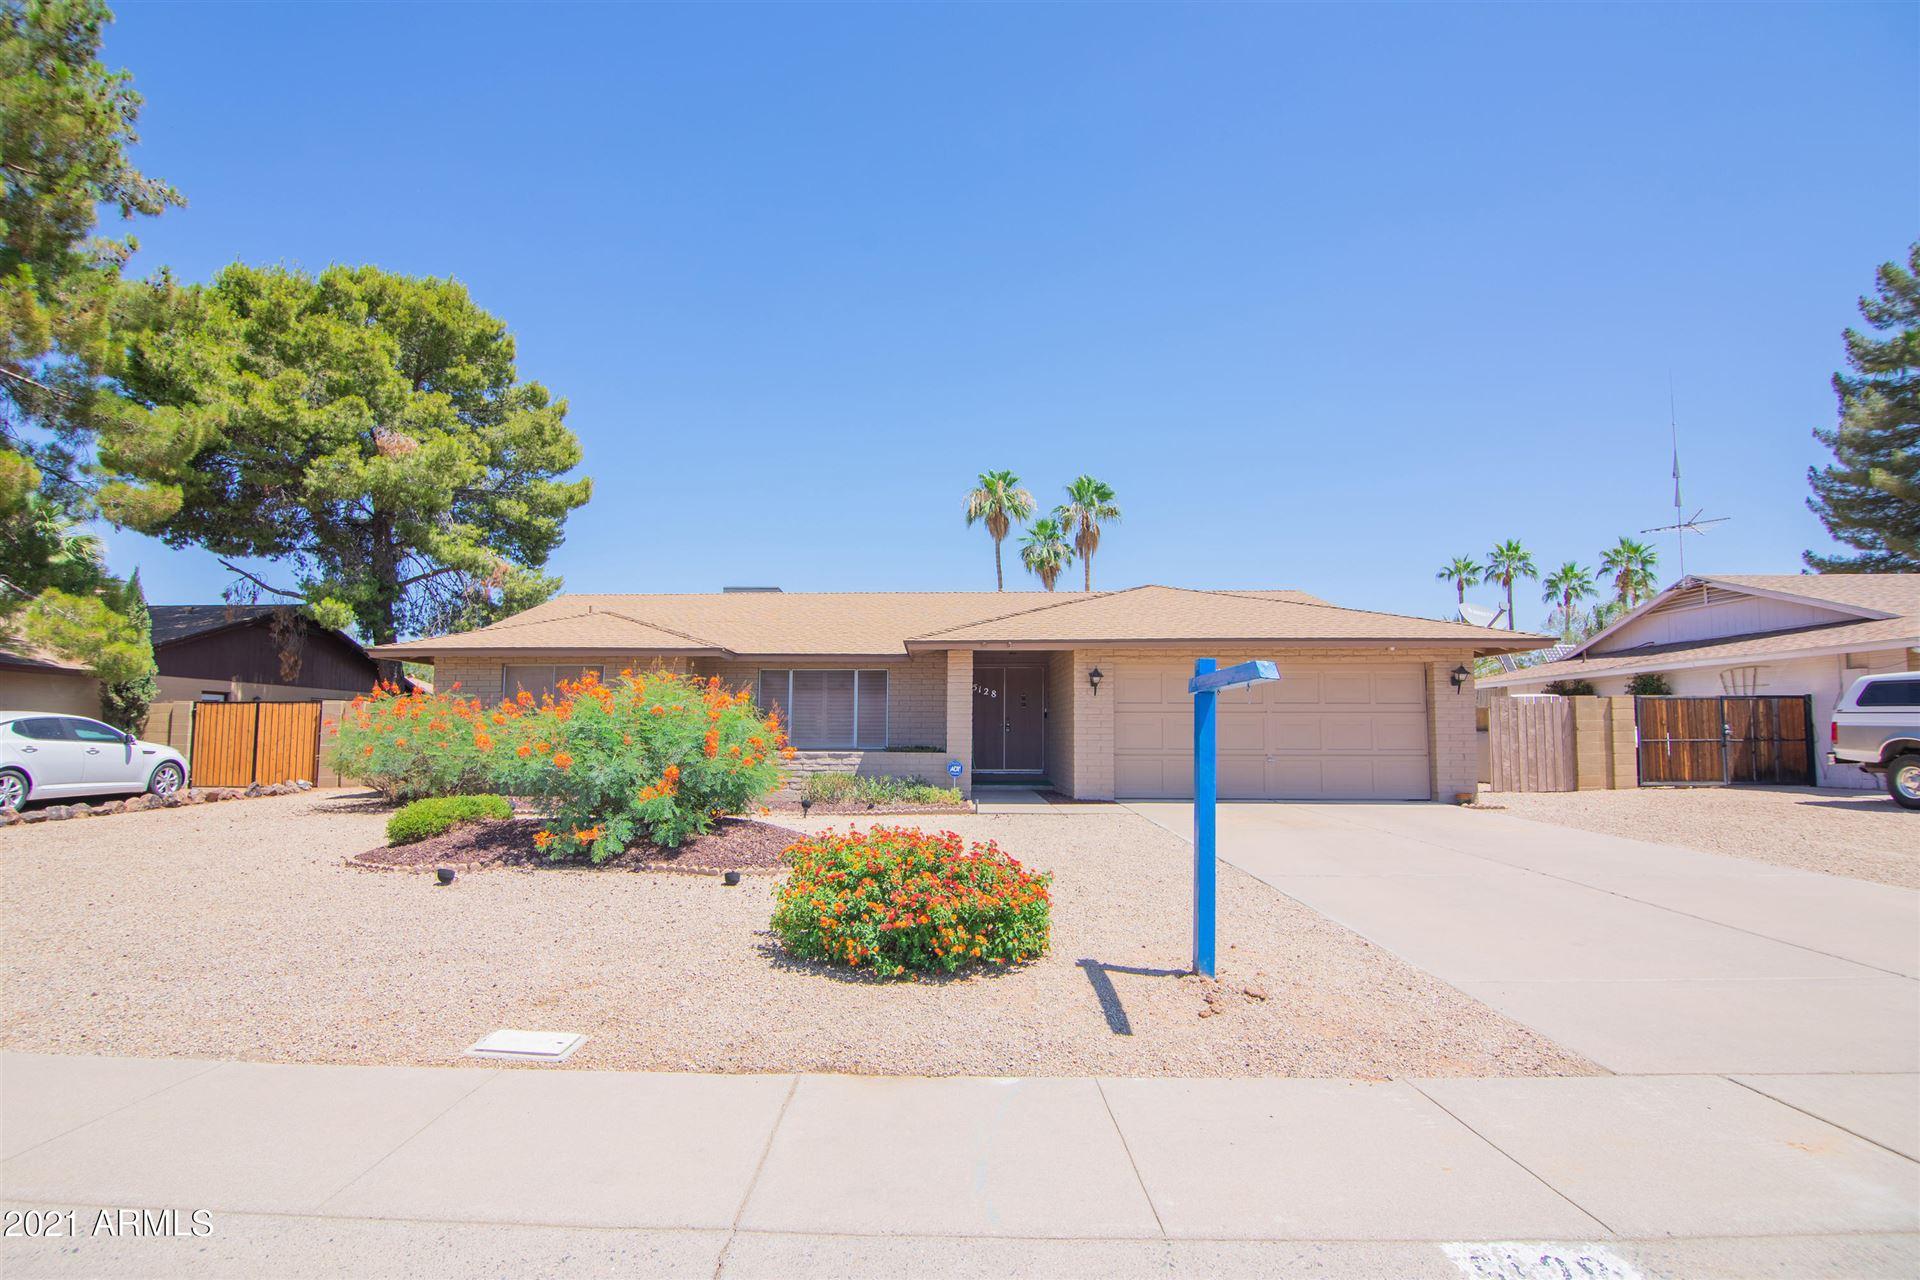 Photo of 5128 E BLANCHE Drive, Scottsdale, AZ 85254 (MLS # 6248791)